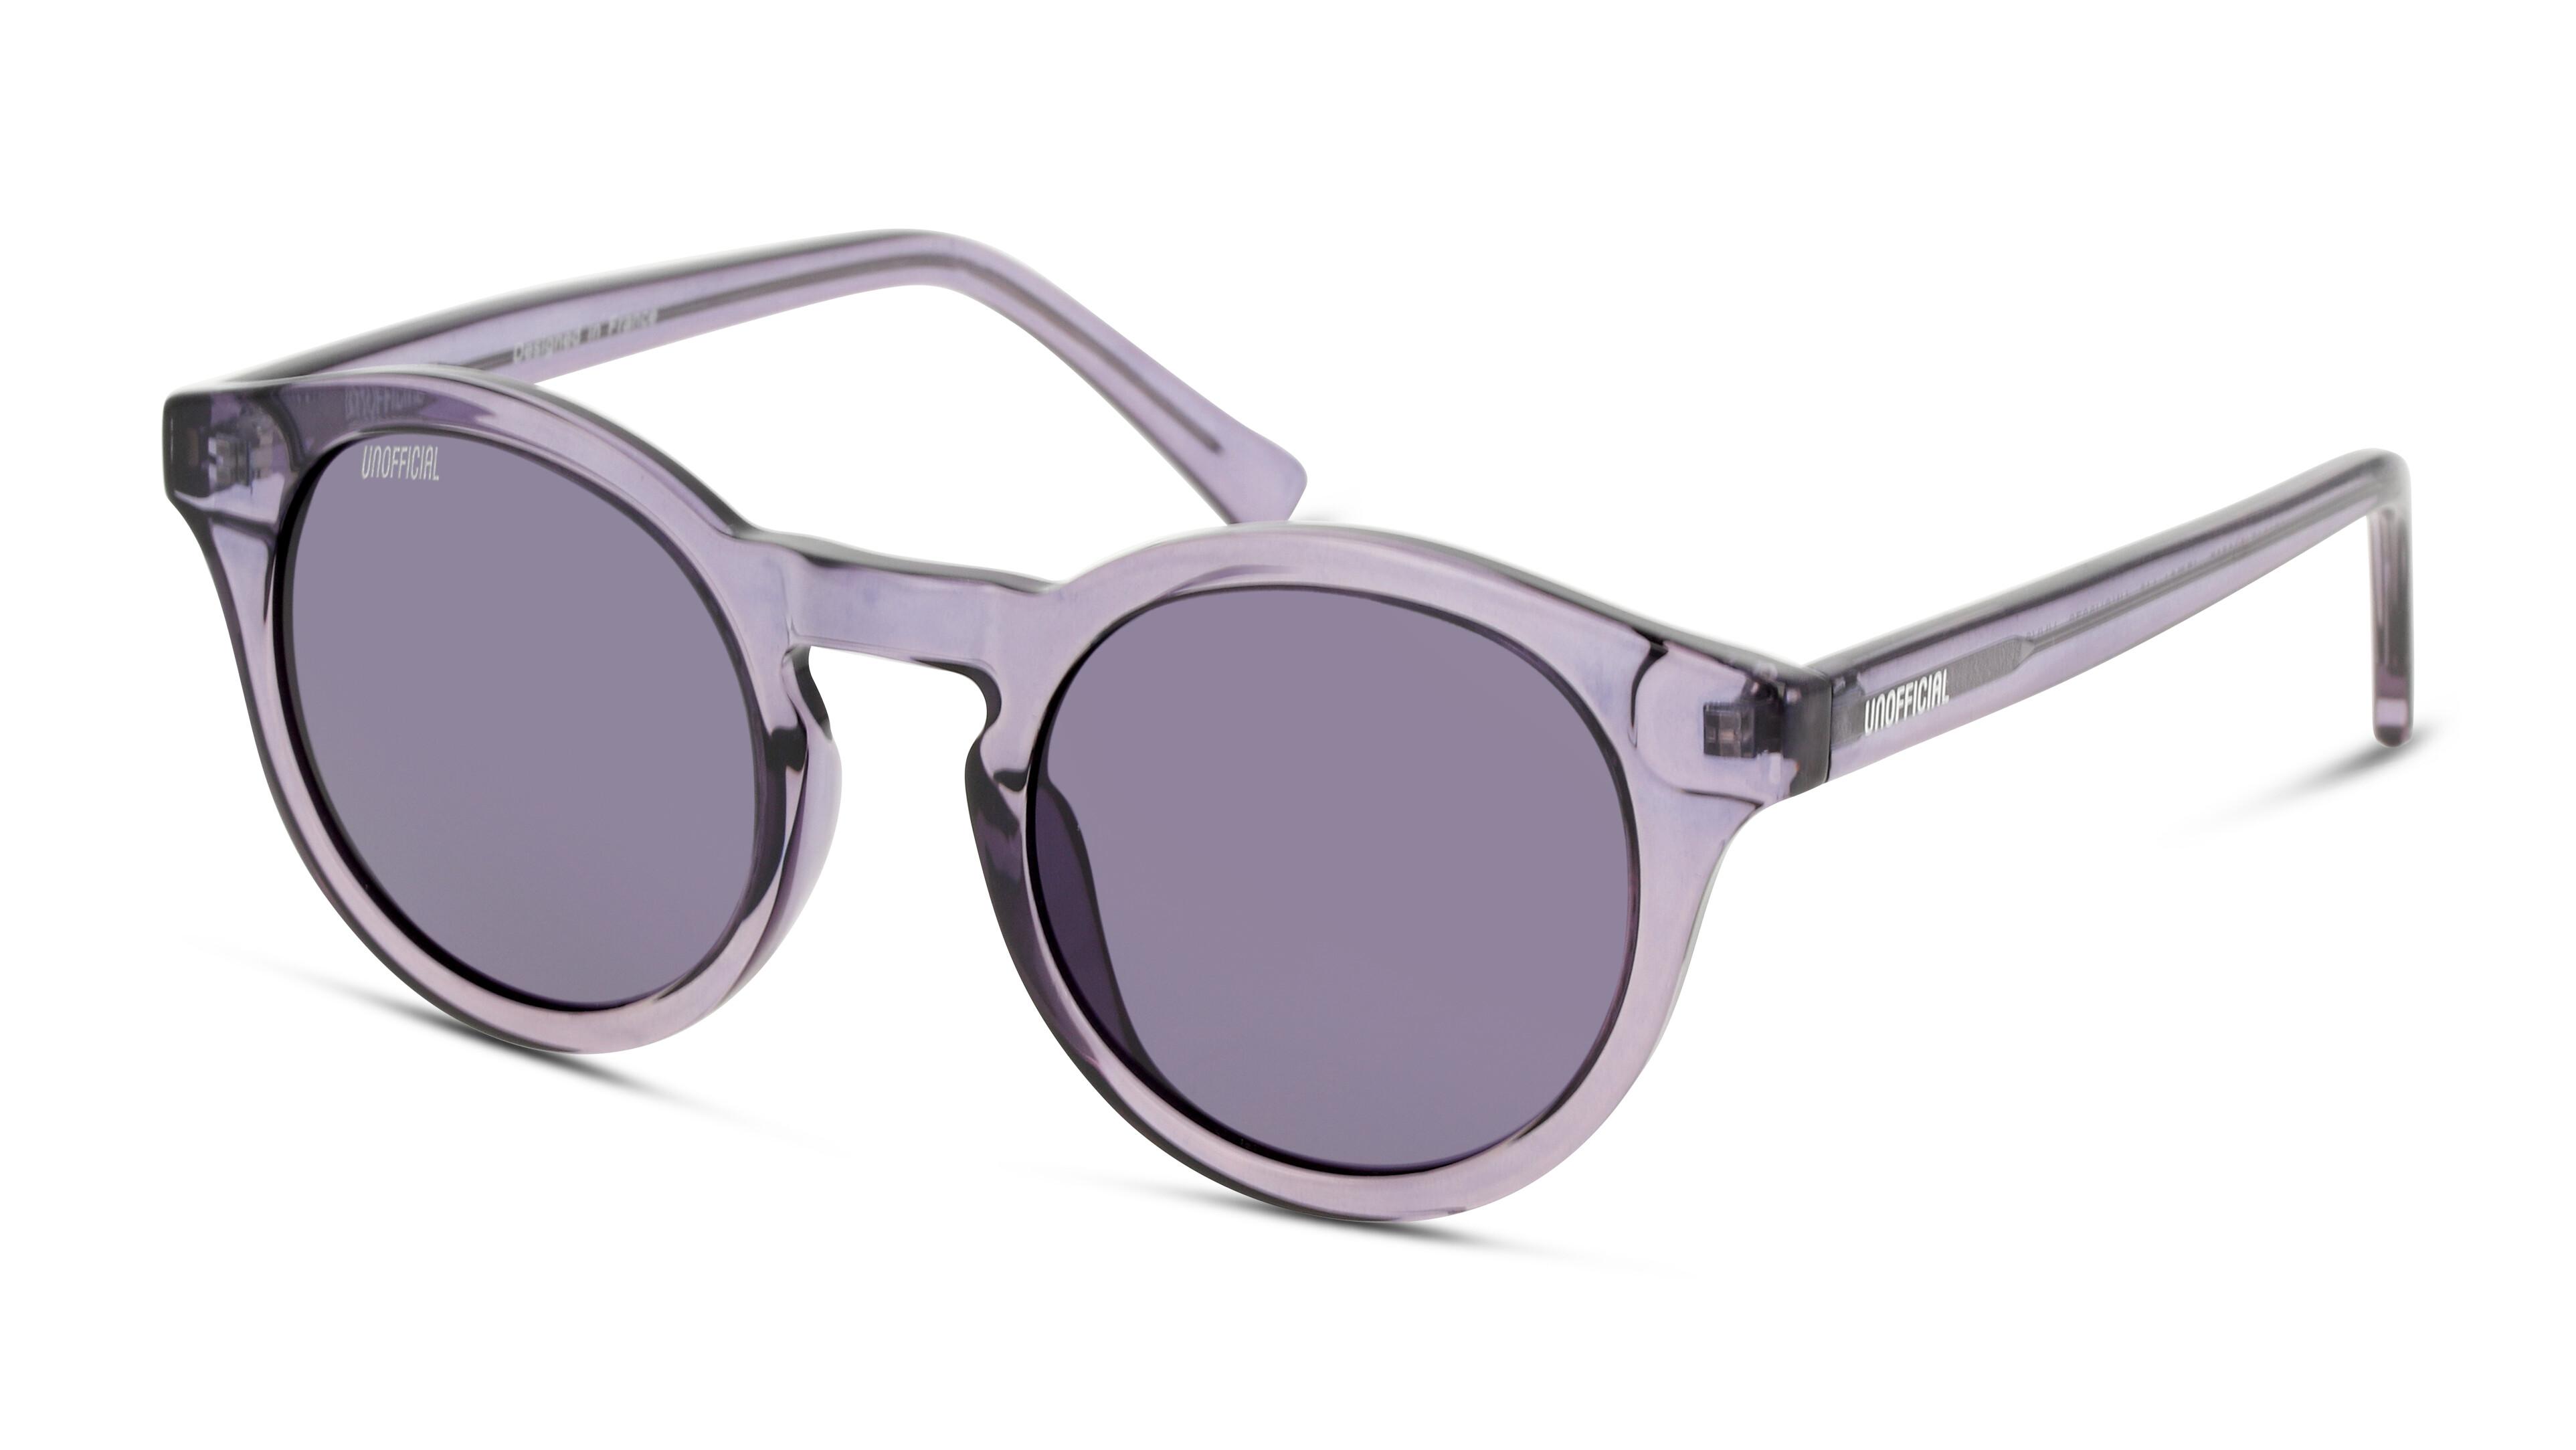 8719154812507-angle-sonnenbrille-unofficial-unsu0072-violet-violet